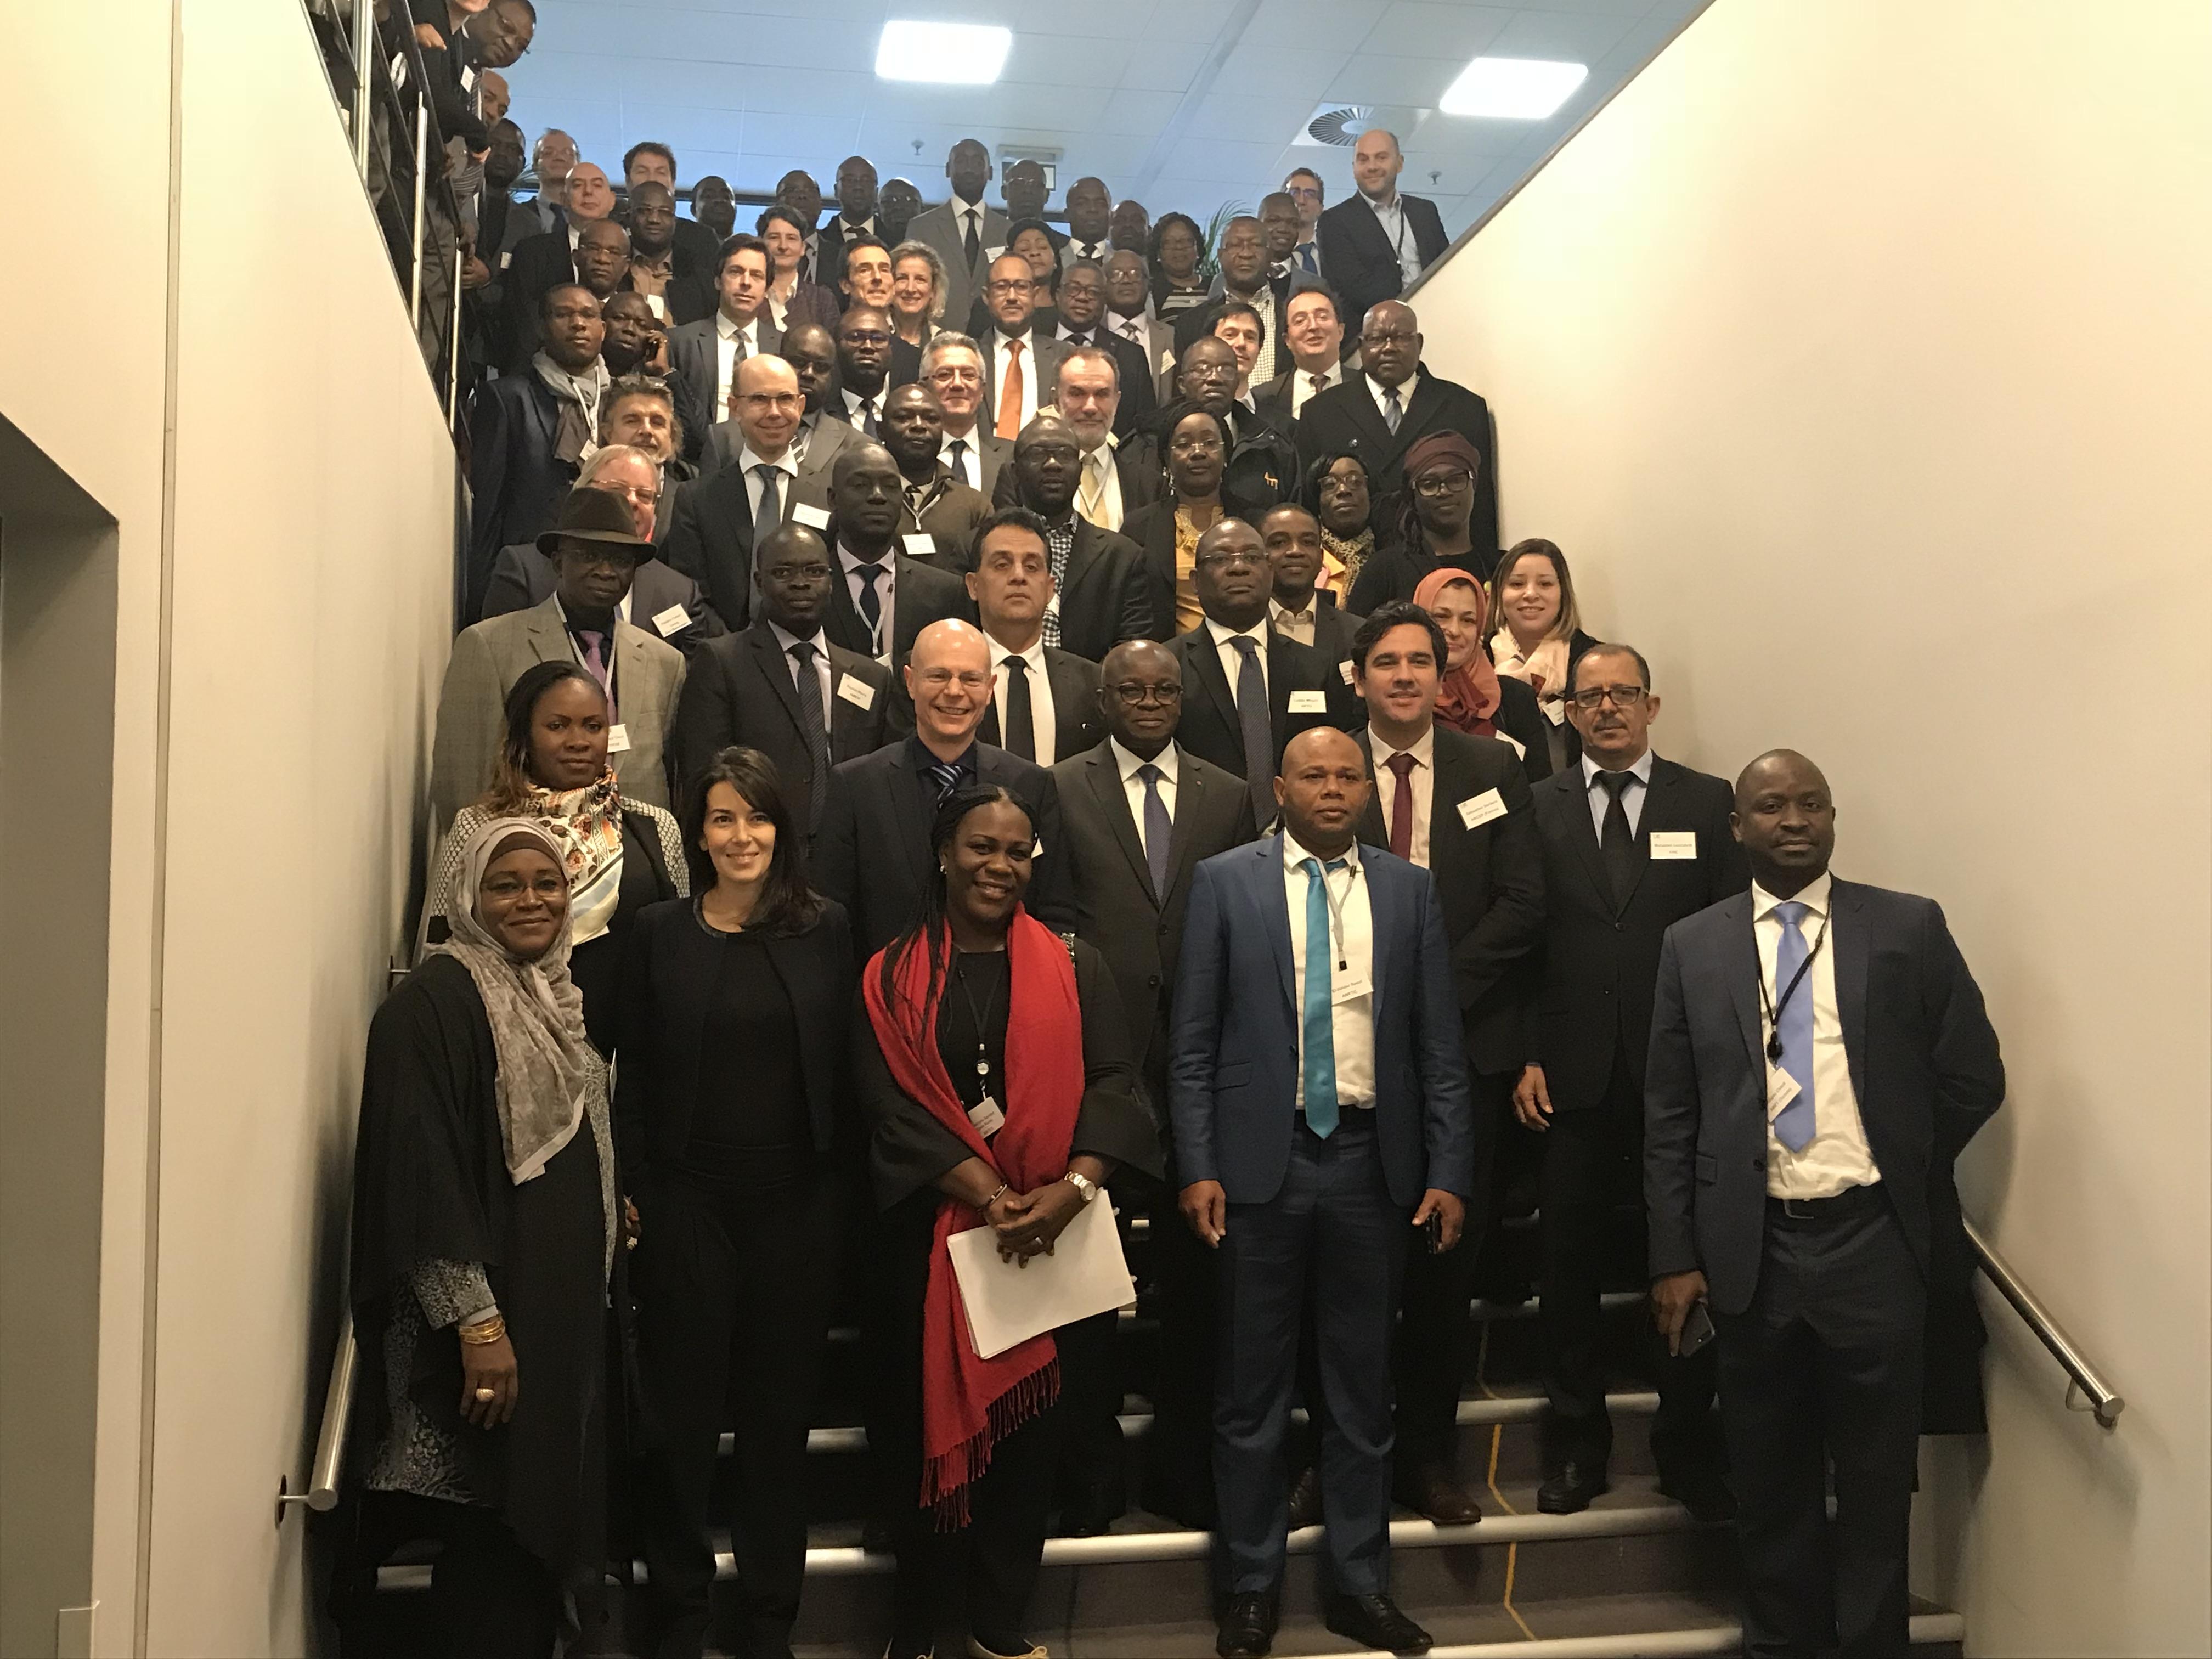 15ème réunion annuelle du réseau FRATEL à Bruxelles/23 et 24 novembre 2017